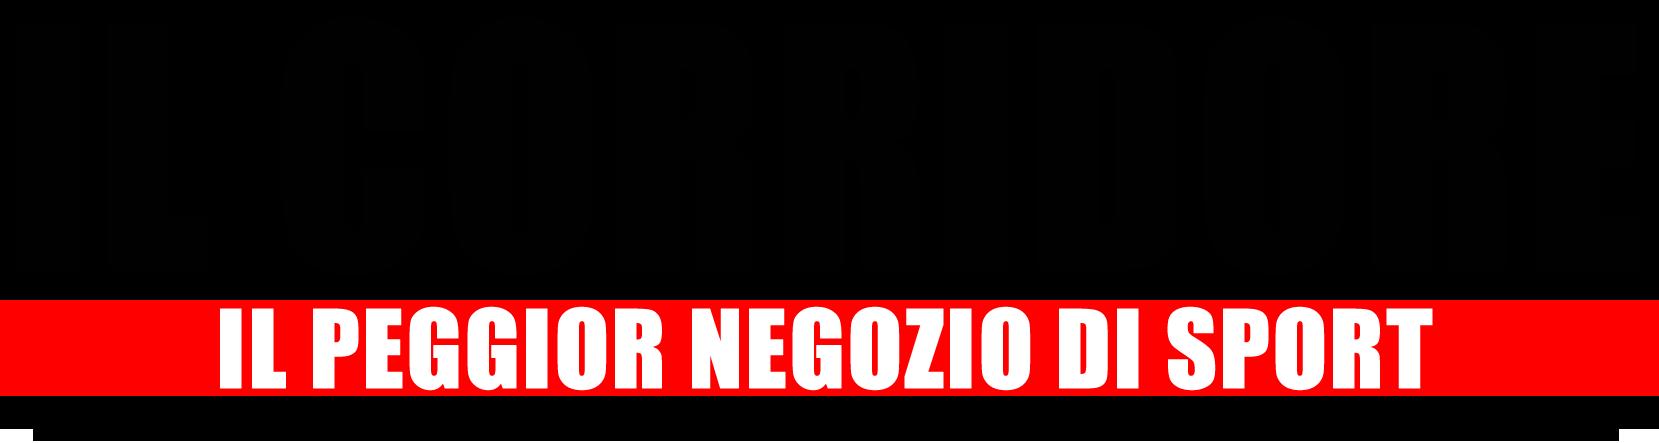 LOGO IL CORRIDORE WEB.fw